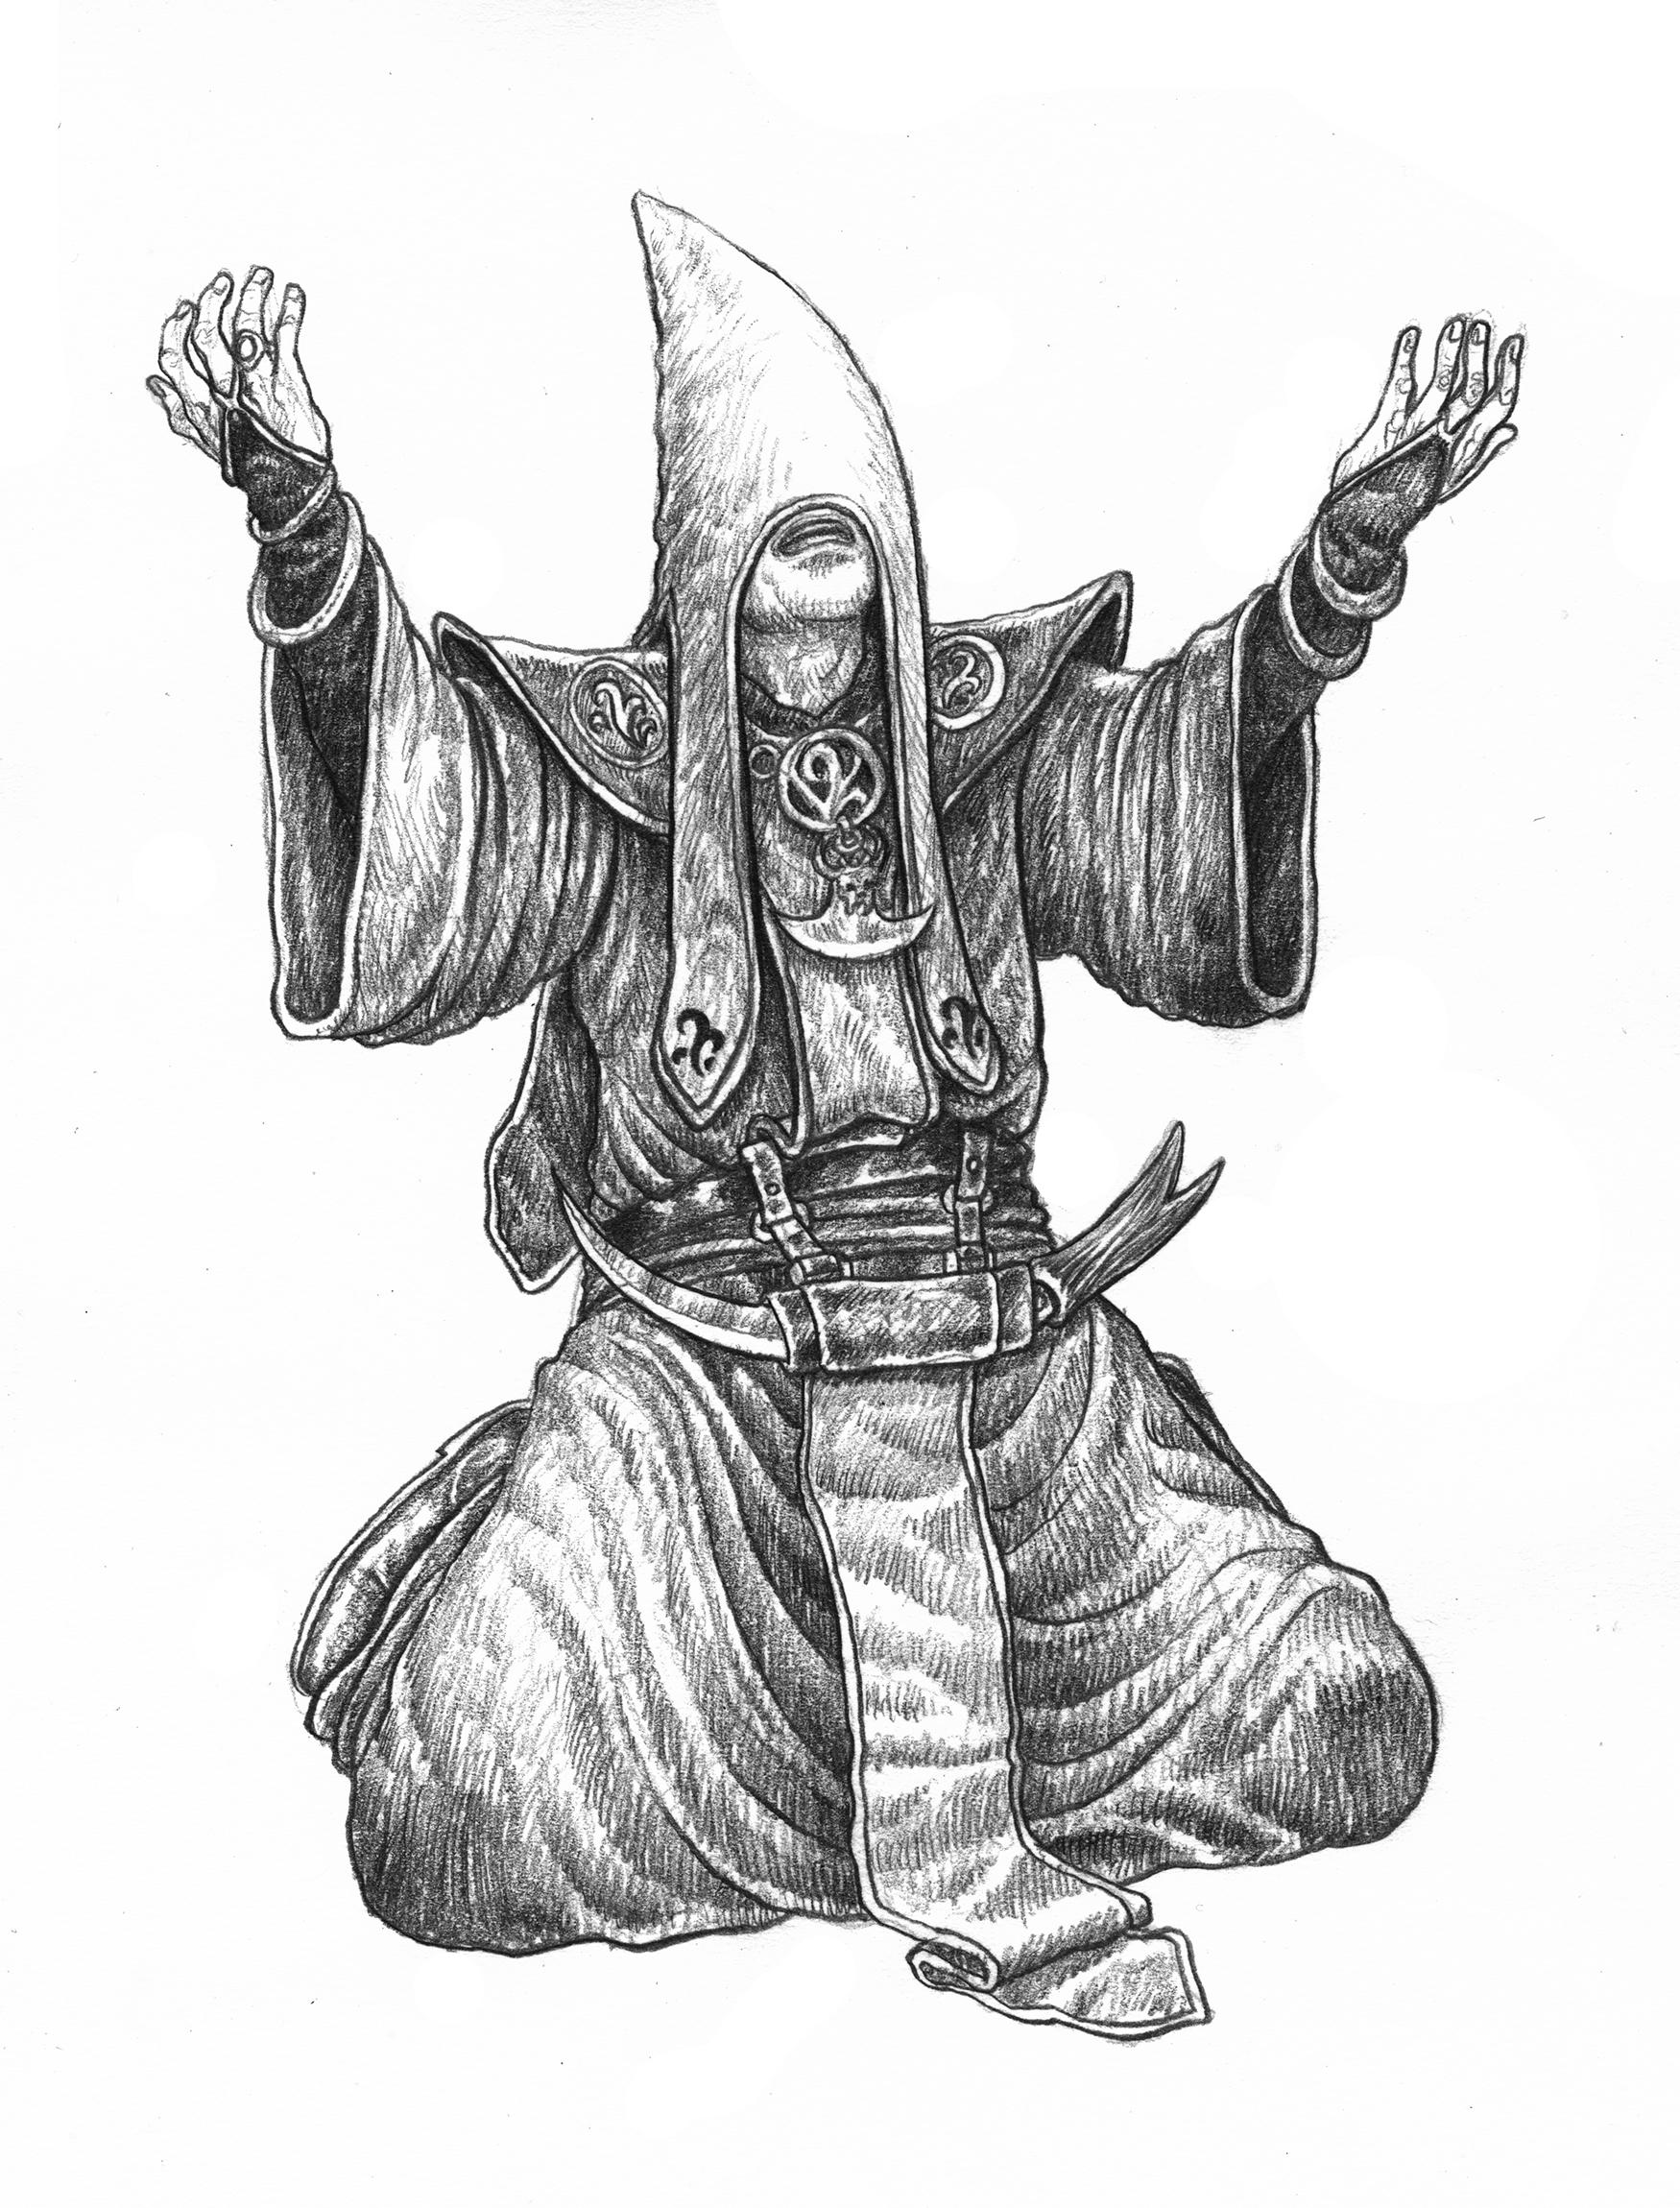 ZWEIHÄNDER Grim & Perilous RPG: Culitist (Image: Grim & Perilous Studios)